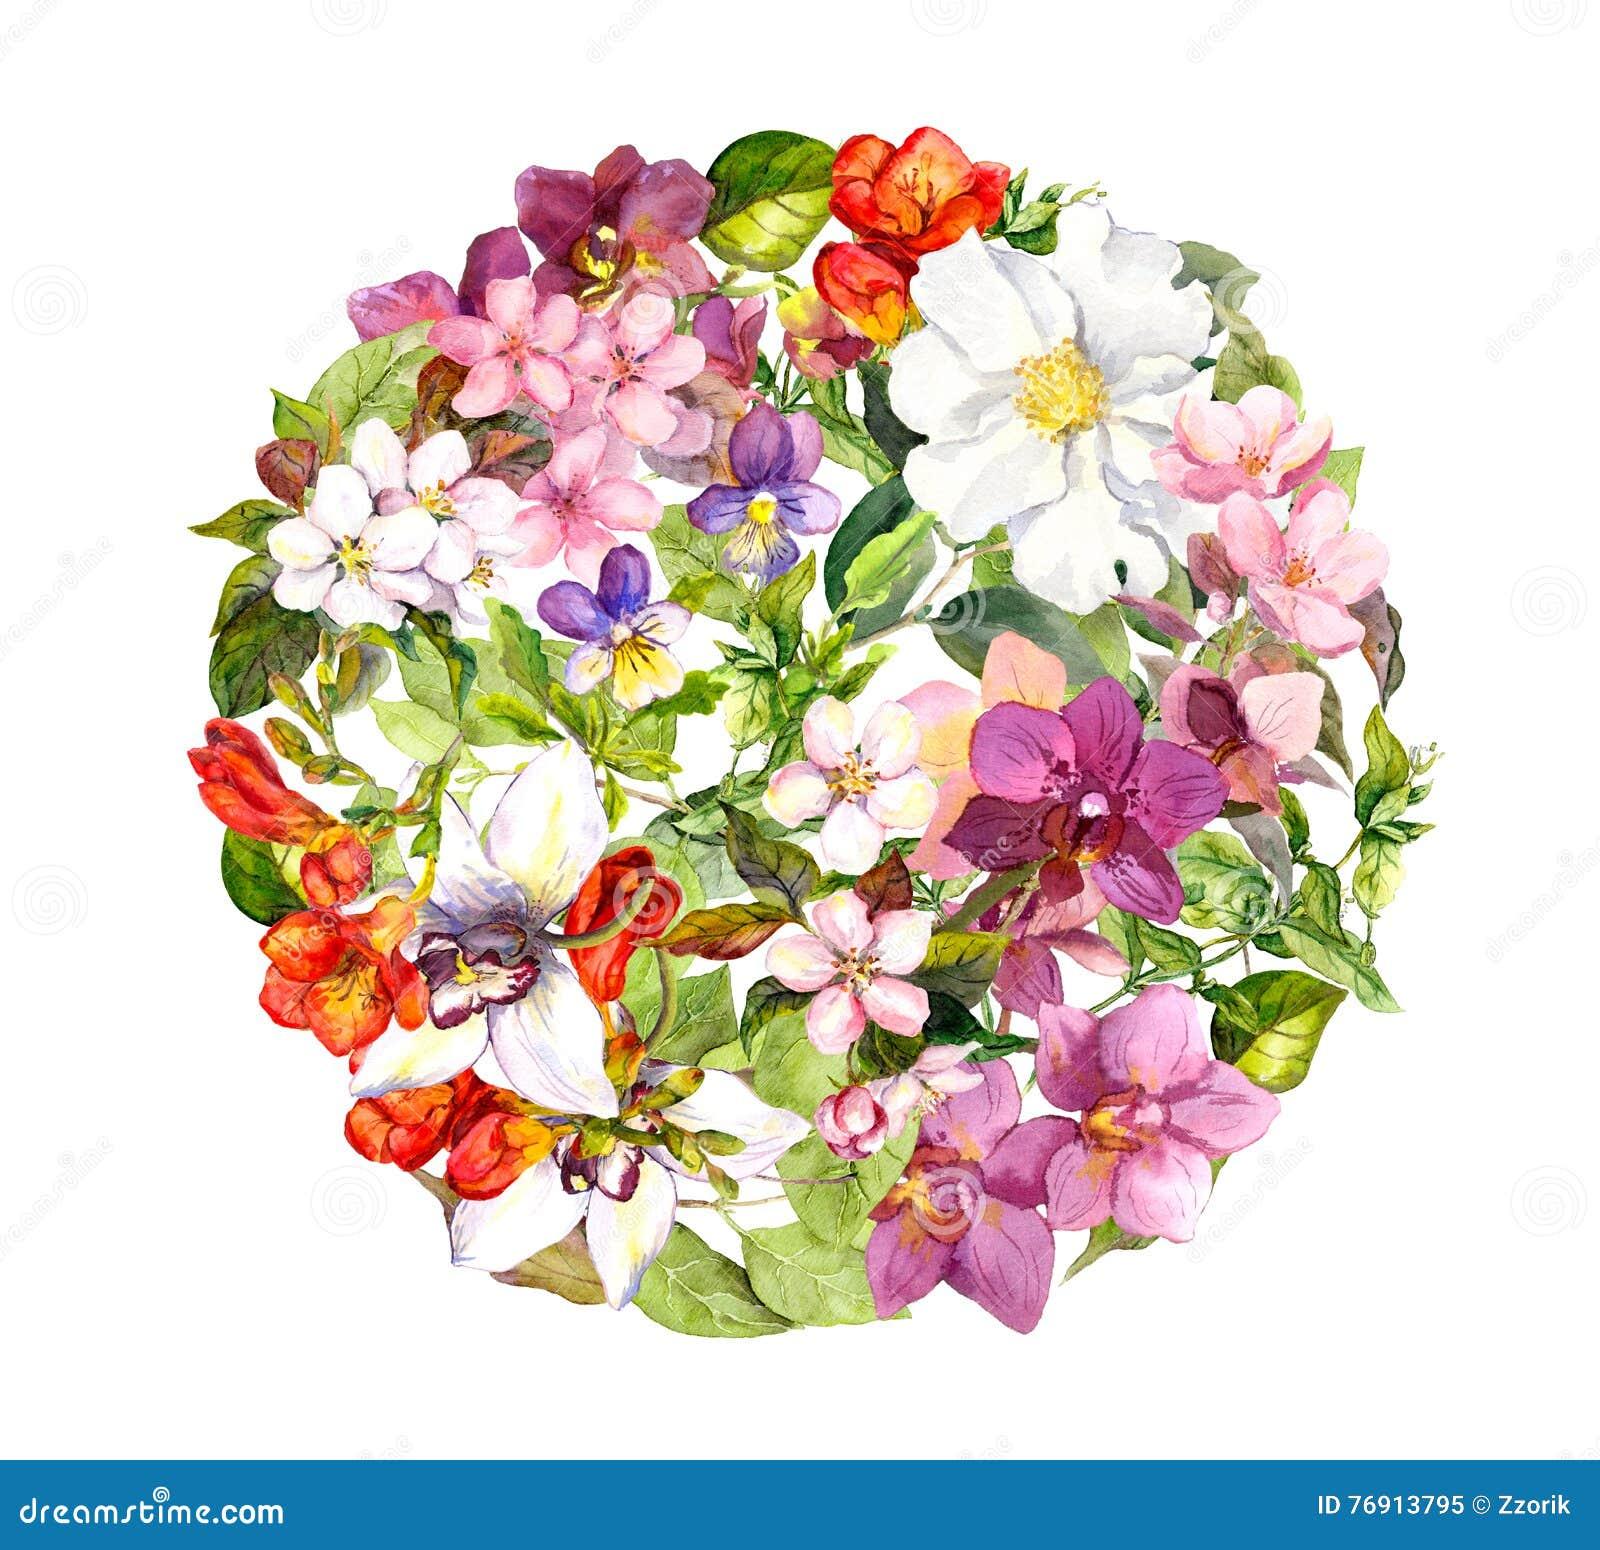 В круге цветы